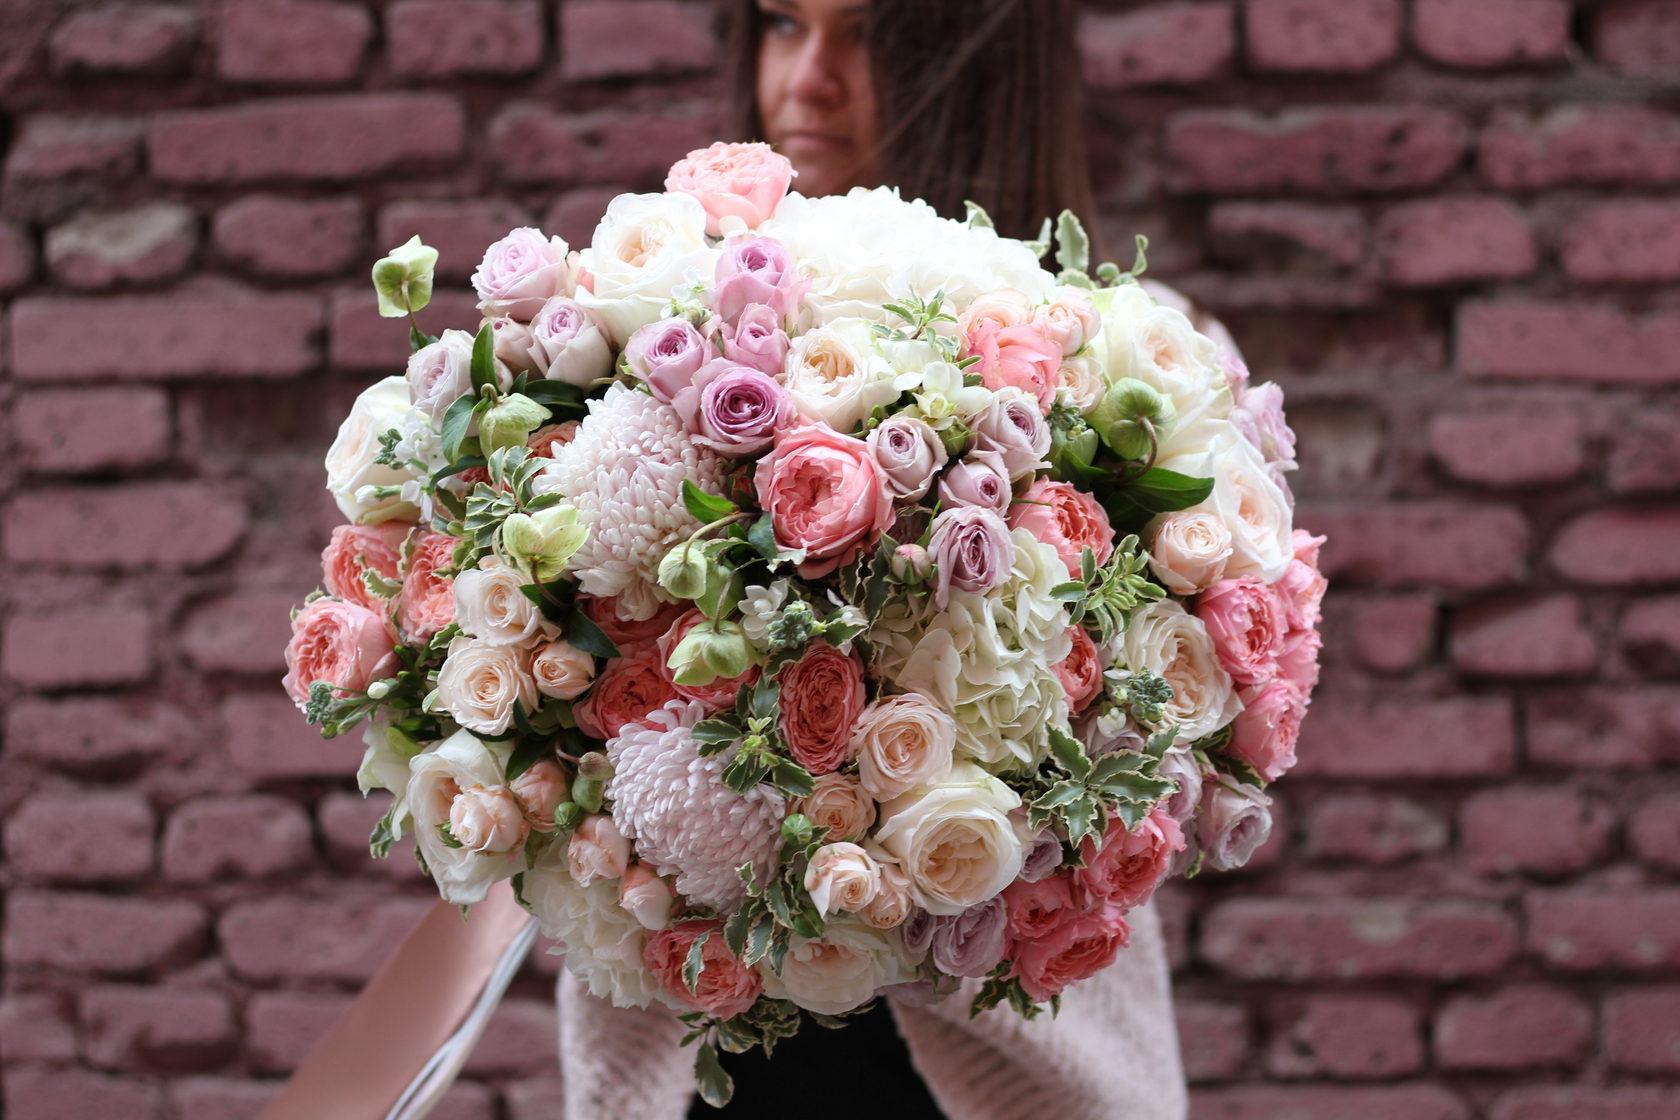 Цветов, самые большие и дорогие букеты